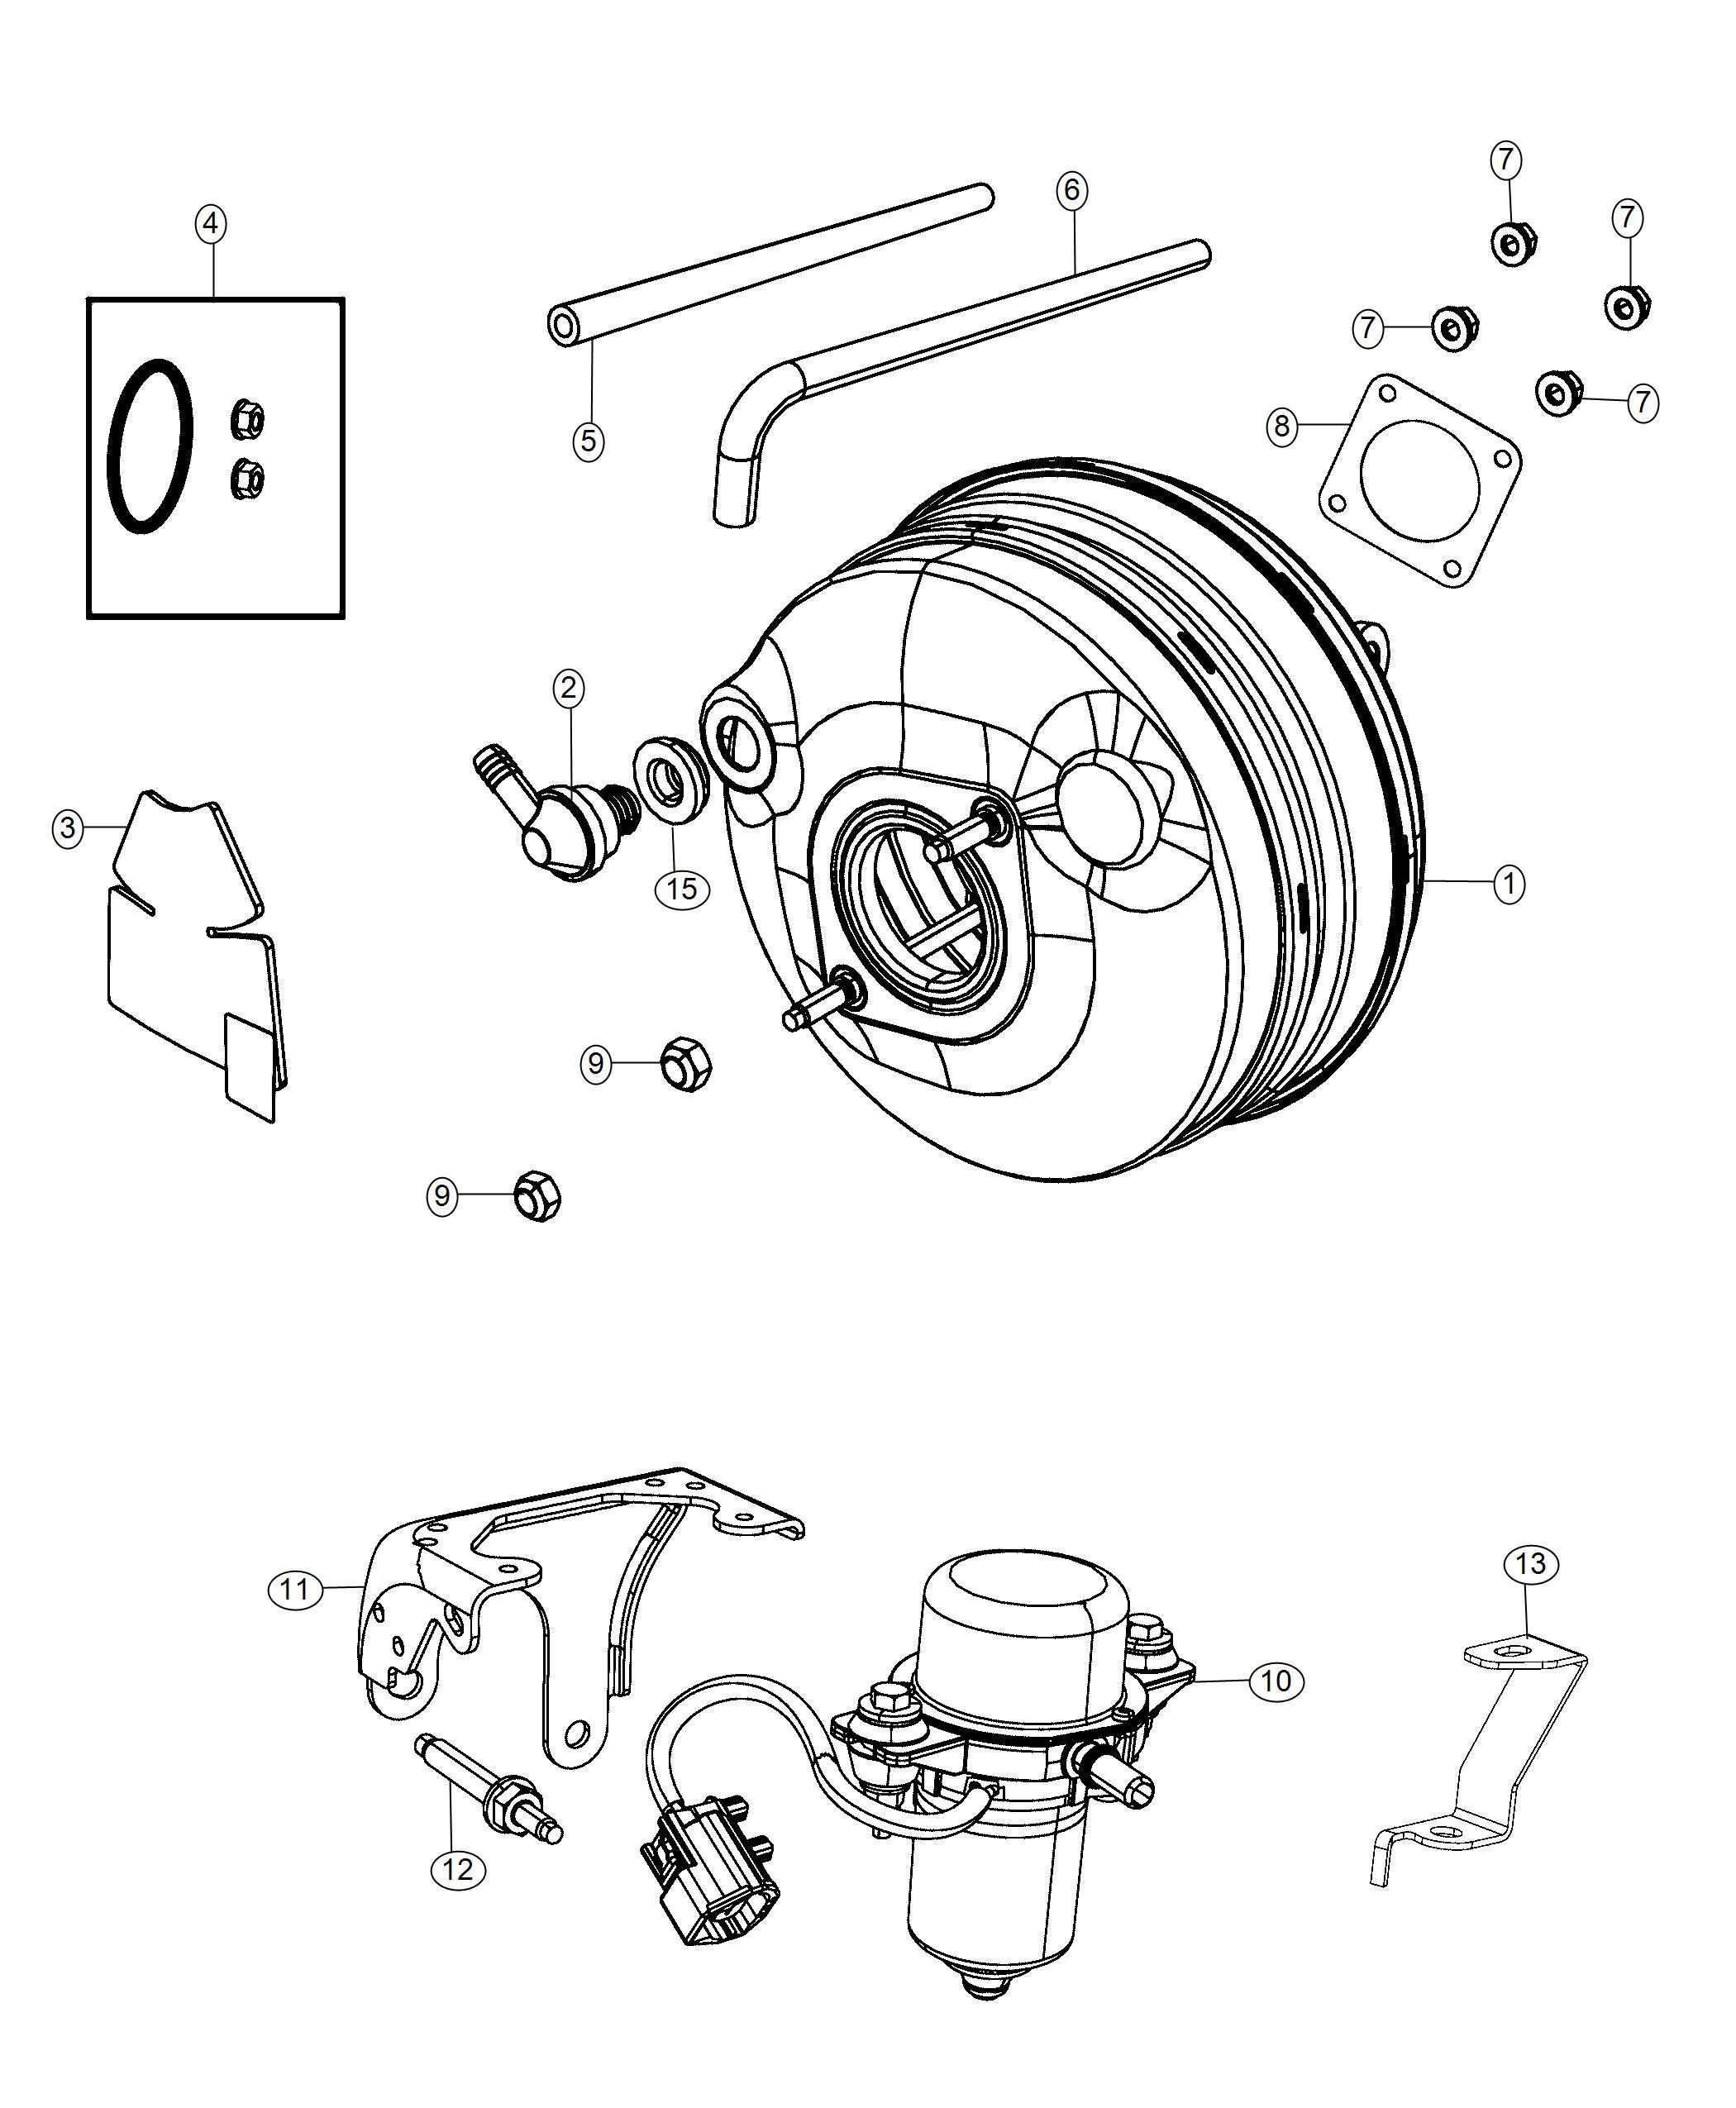 Dodge Grand Caravan Pump Air 3 6l V6 24v Vvt Engine Pump Only Without Bracket